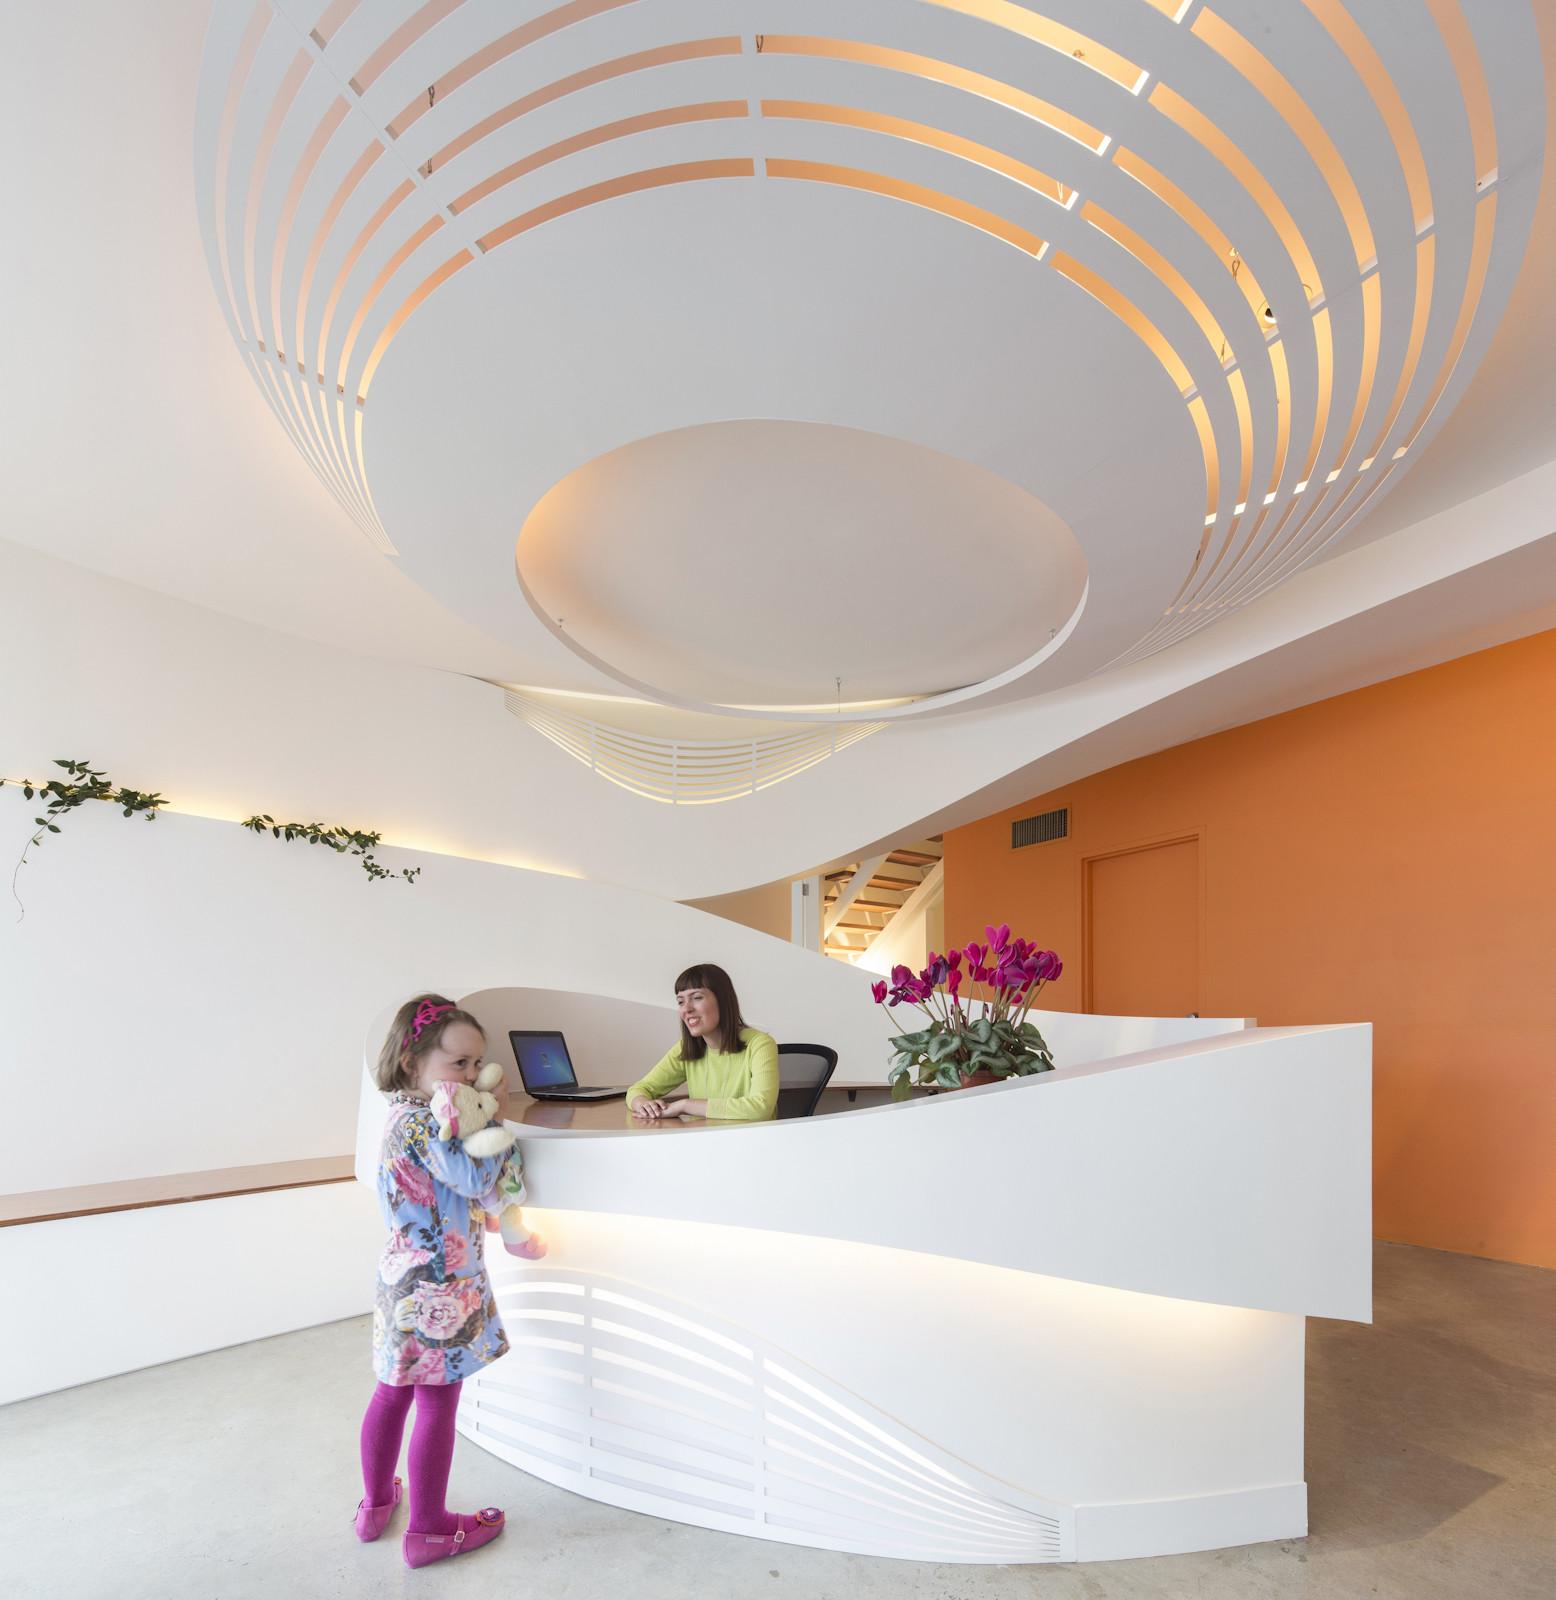 Interior Design Companies In The Philippines